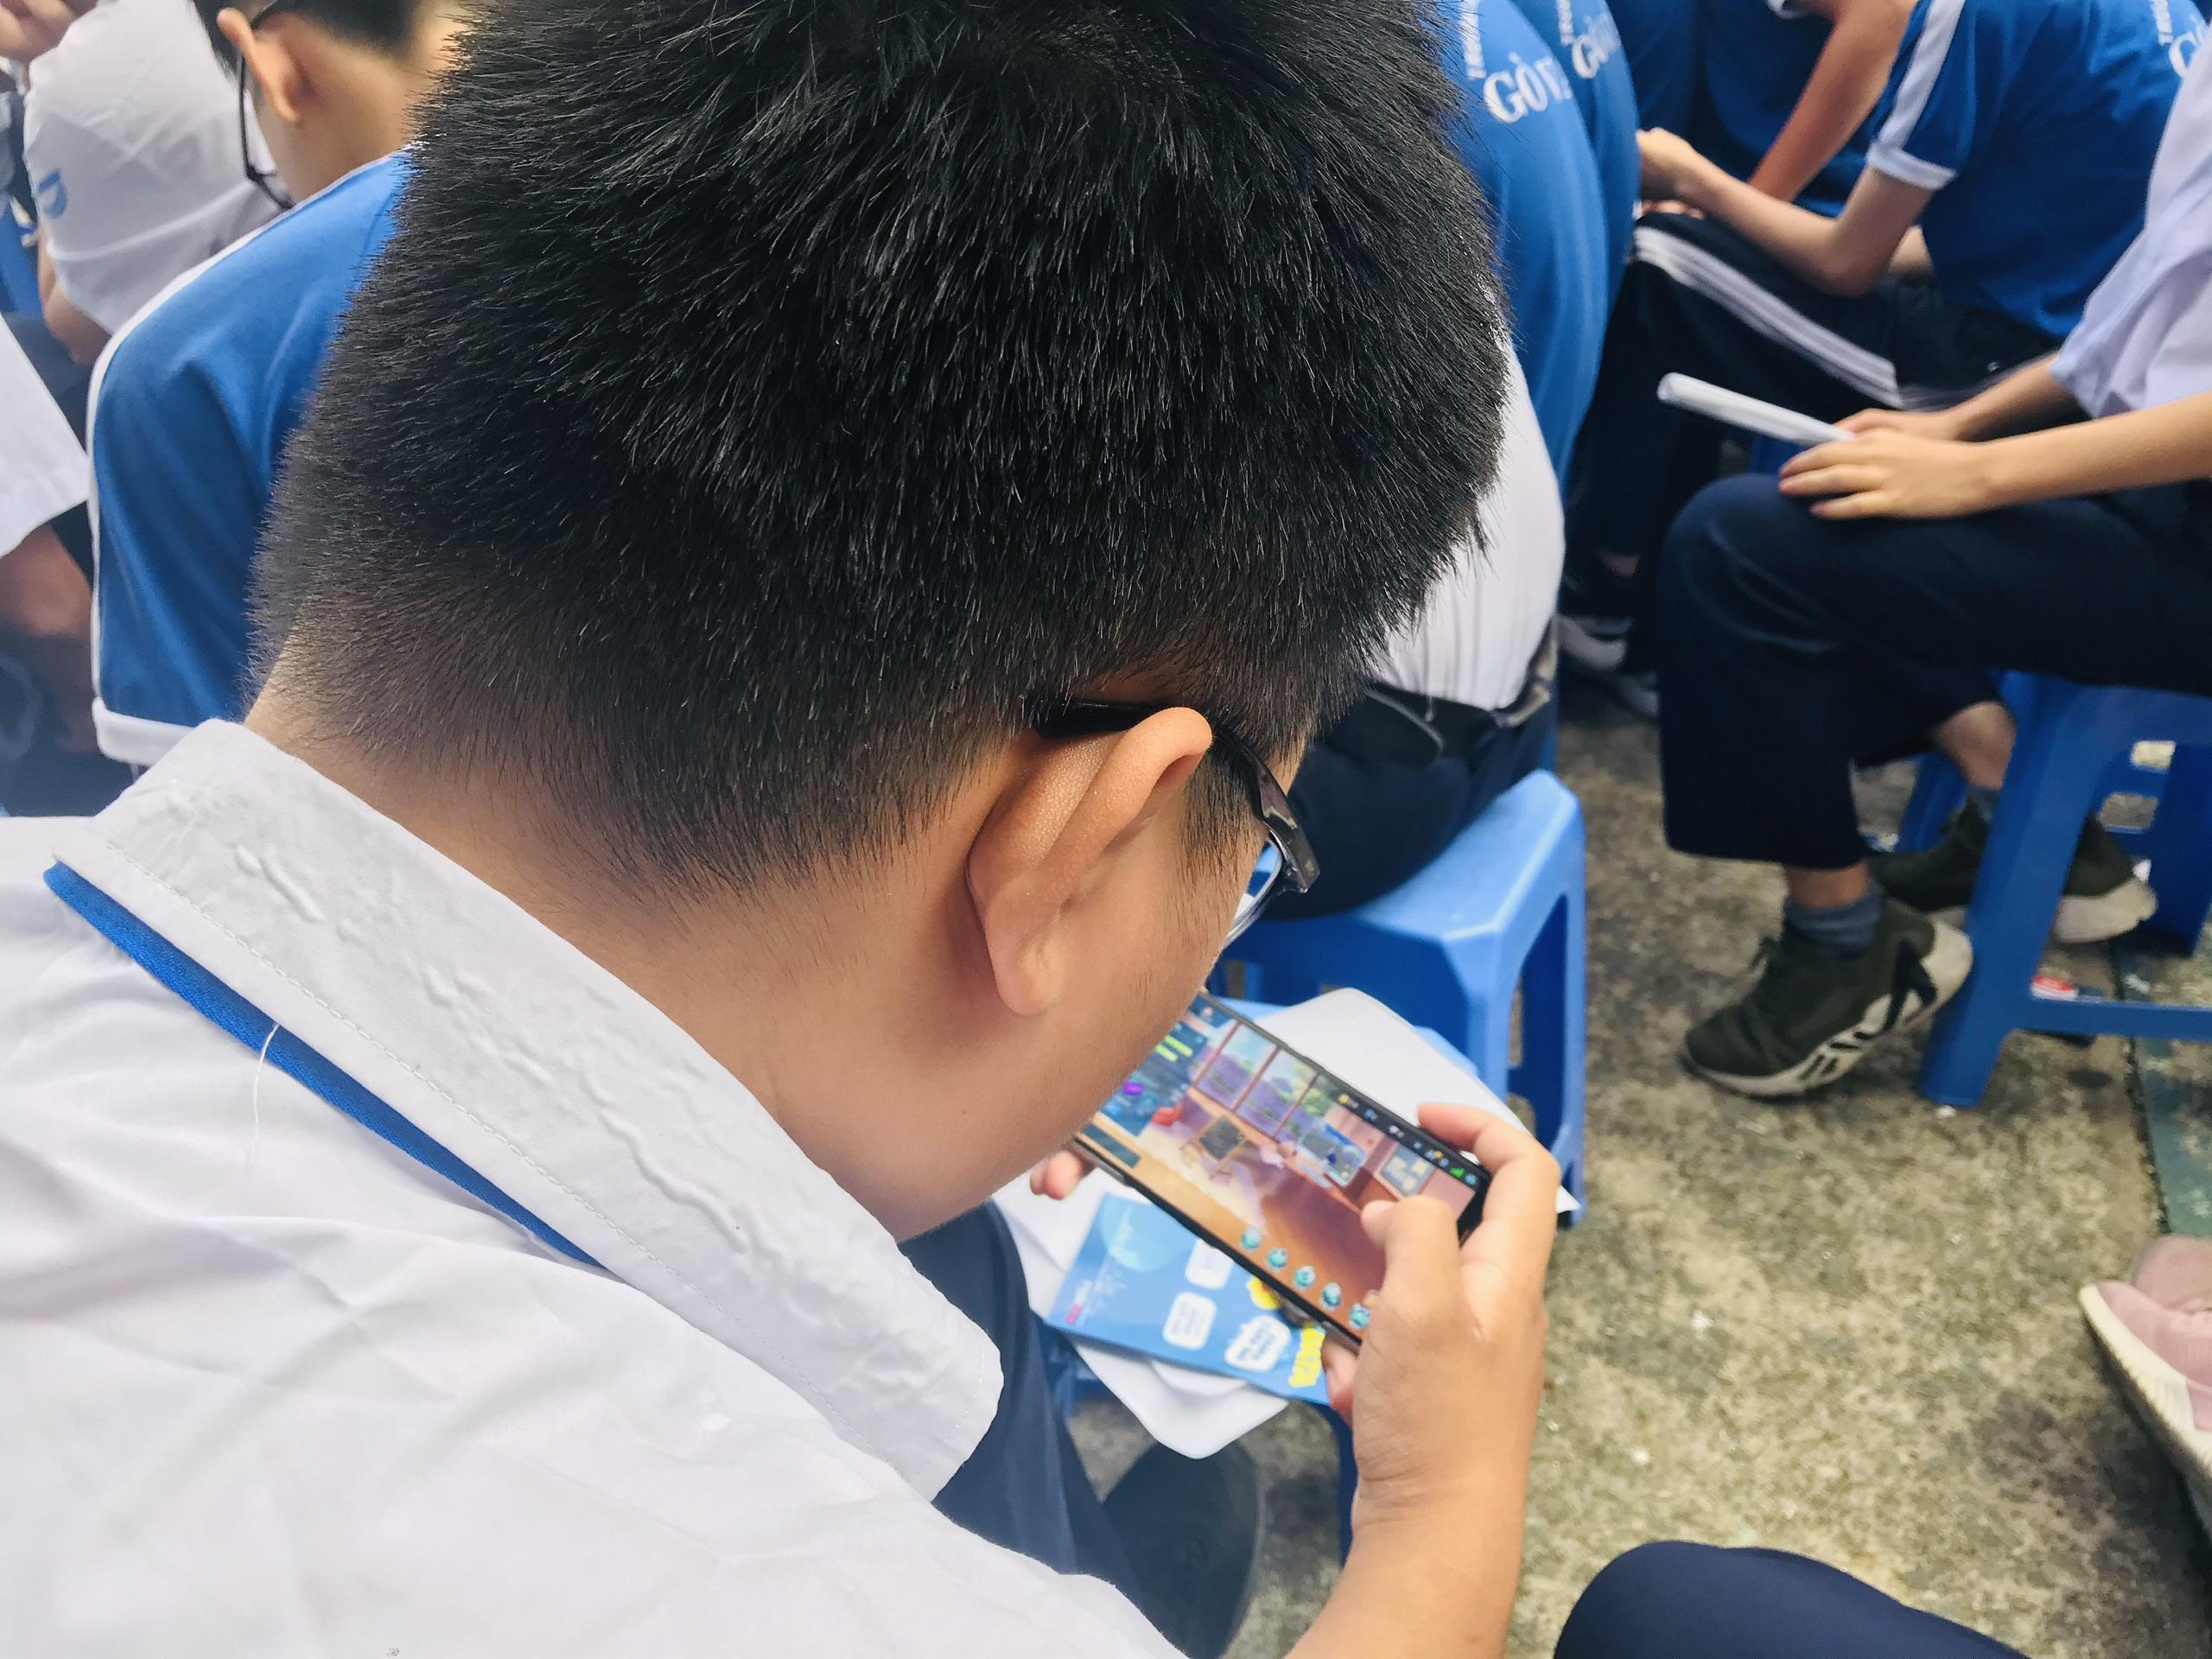 Smartphone làm tê liệt học trò - 6